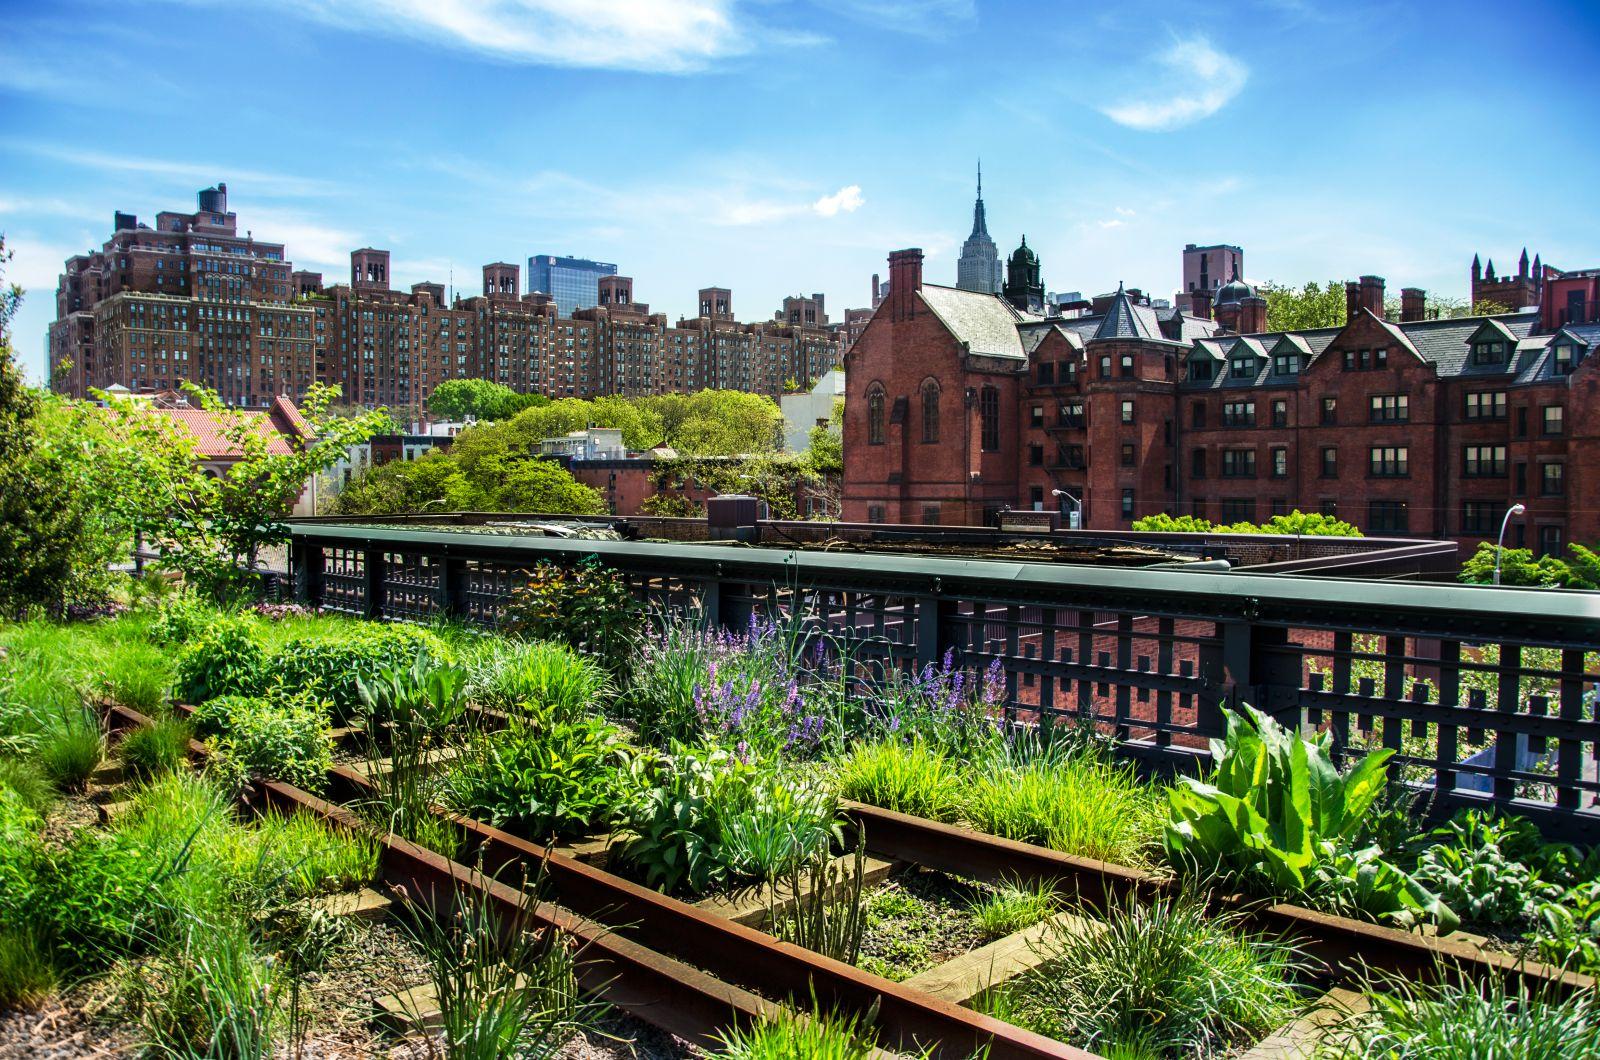 Über die bekannte New Yorker Spaziermeile High Line flanieren Jahr für Jahr sieben Millionen Menschen. Nun wurde sie um eine weitere Abzweigung erweitert.